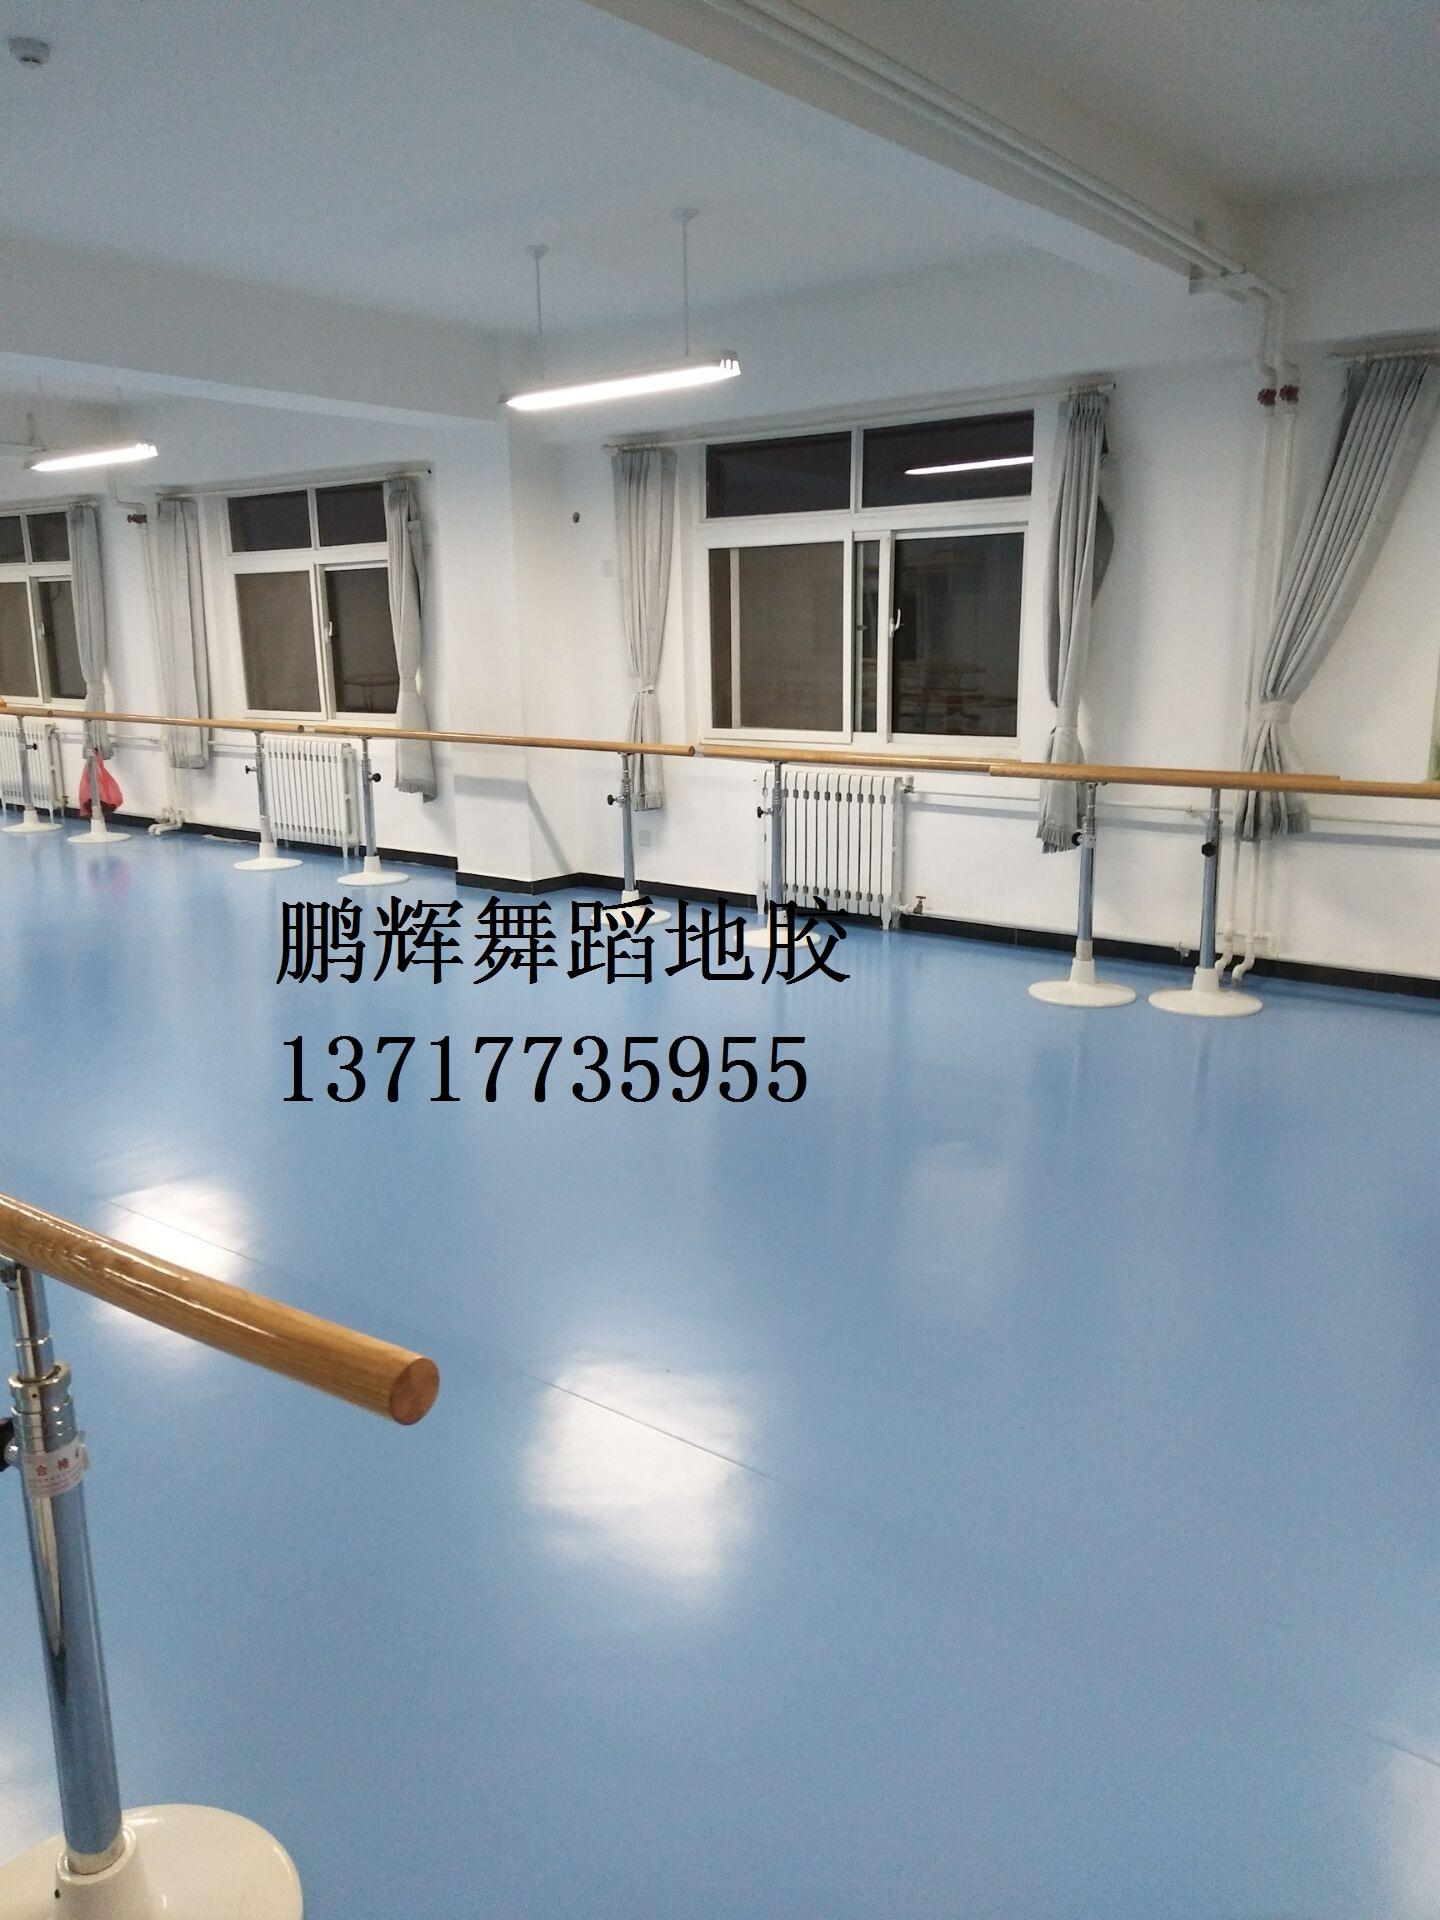 舞蹈教室专用地胶 舞蹈专用地胶 舞蹈室地胶 沈阳舞蹈地胶-- 北京东方鹏辉科技有限公司